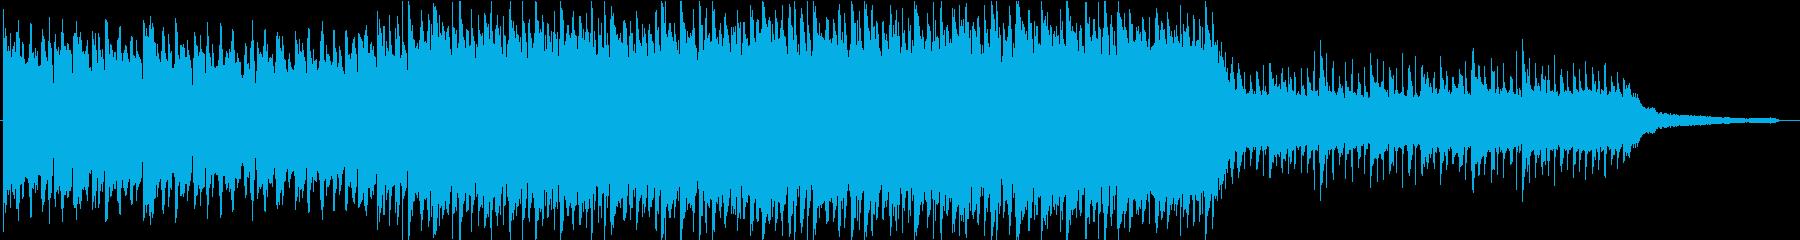 ポジティブなライトロックBGMの再生済みの波形